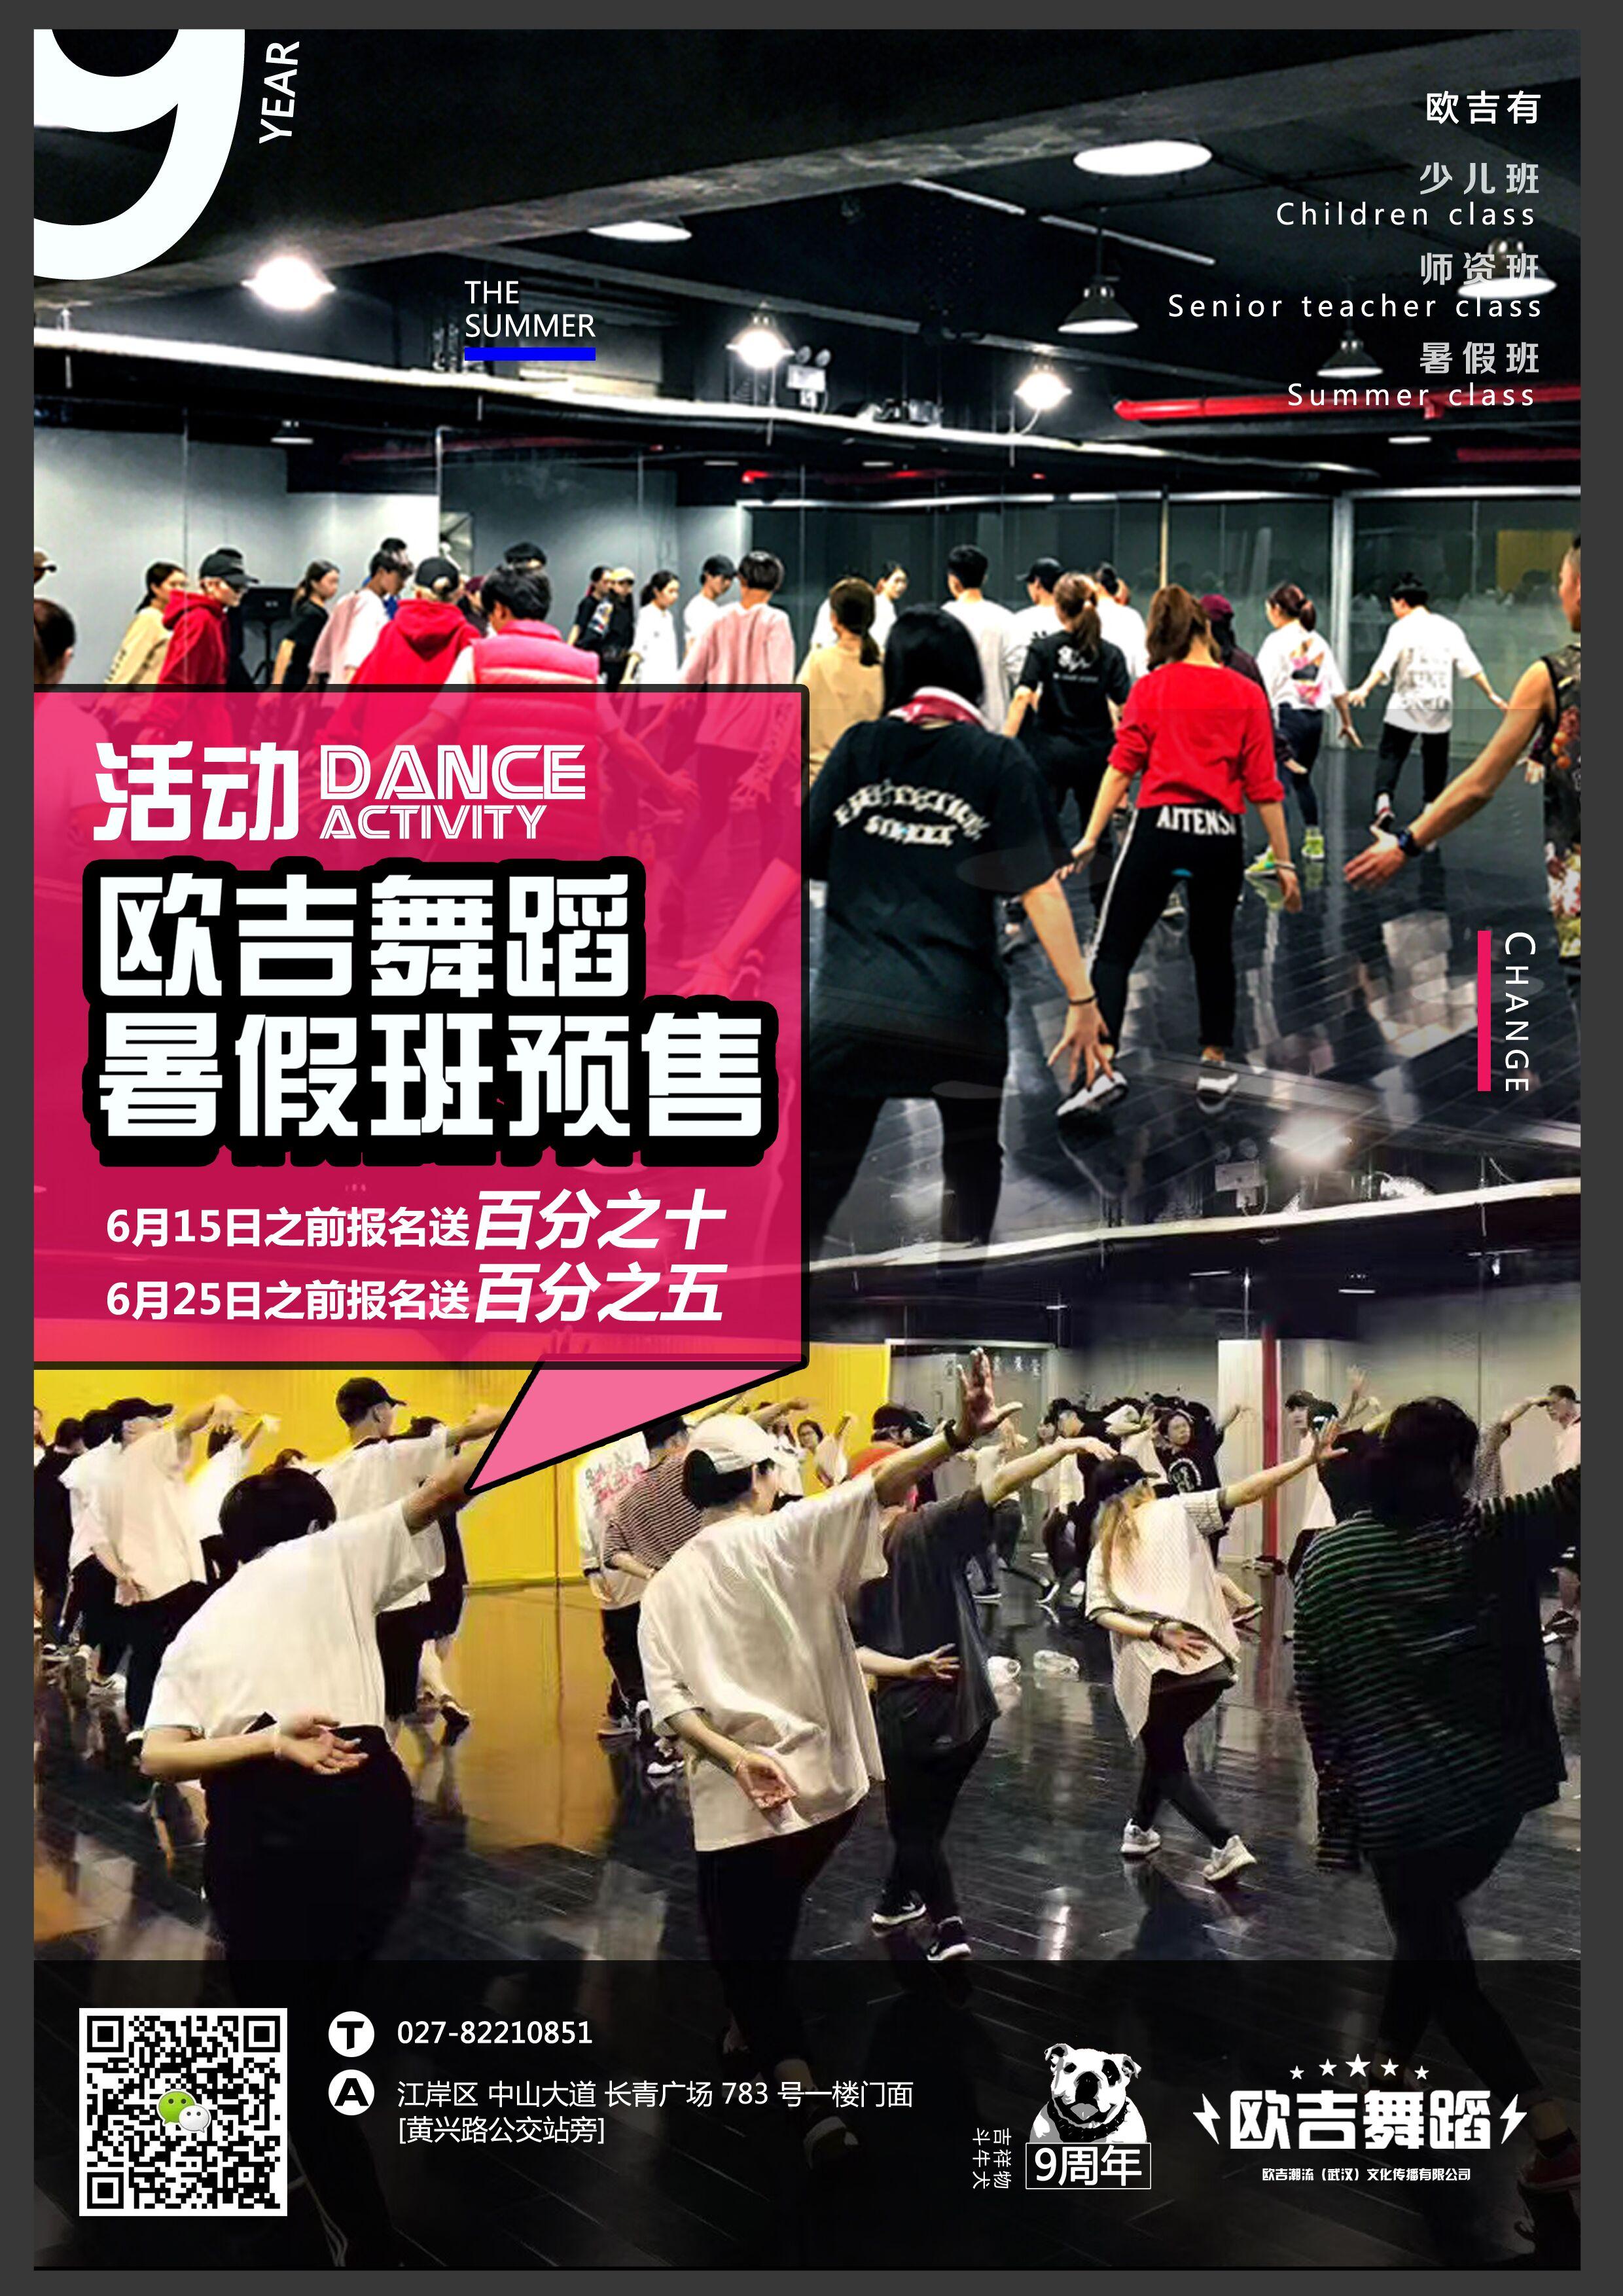 【欧吉舞蹈】2017年暑假班招生简章